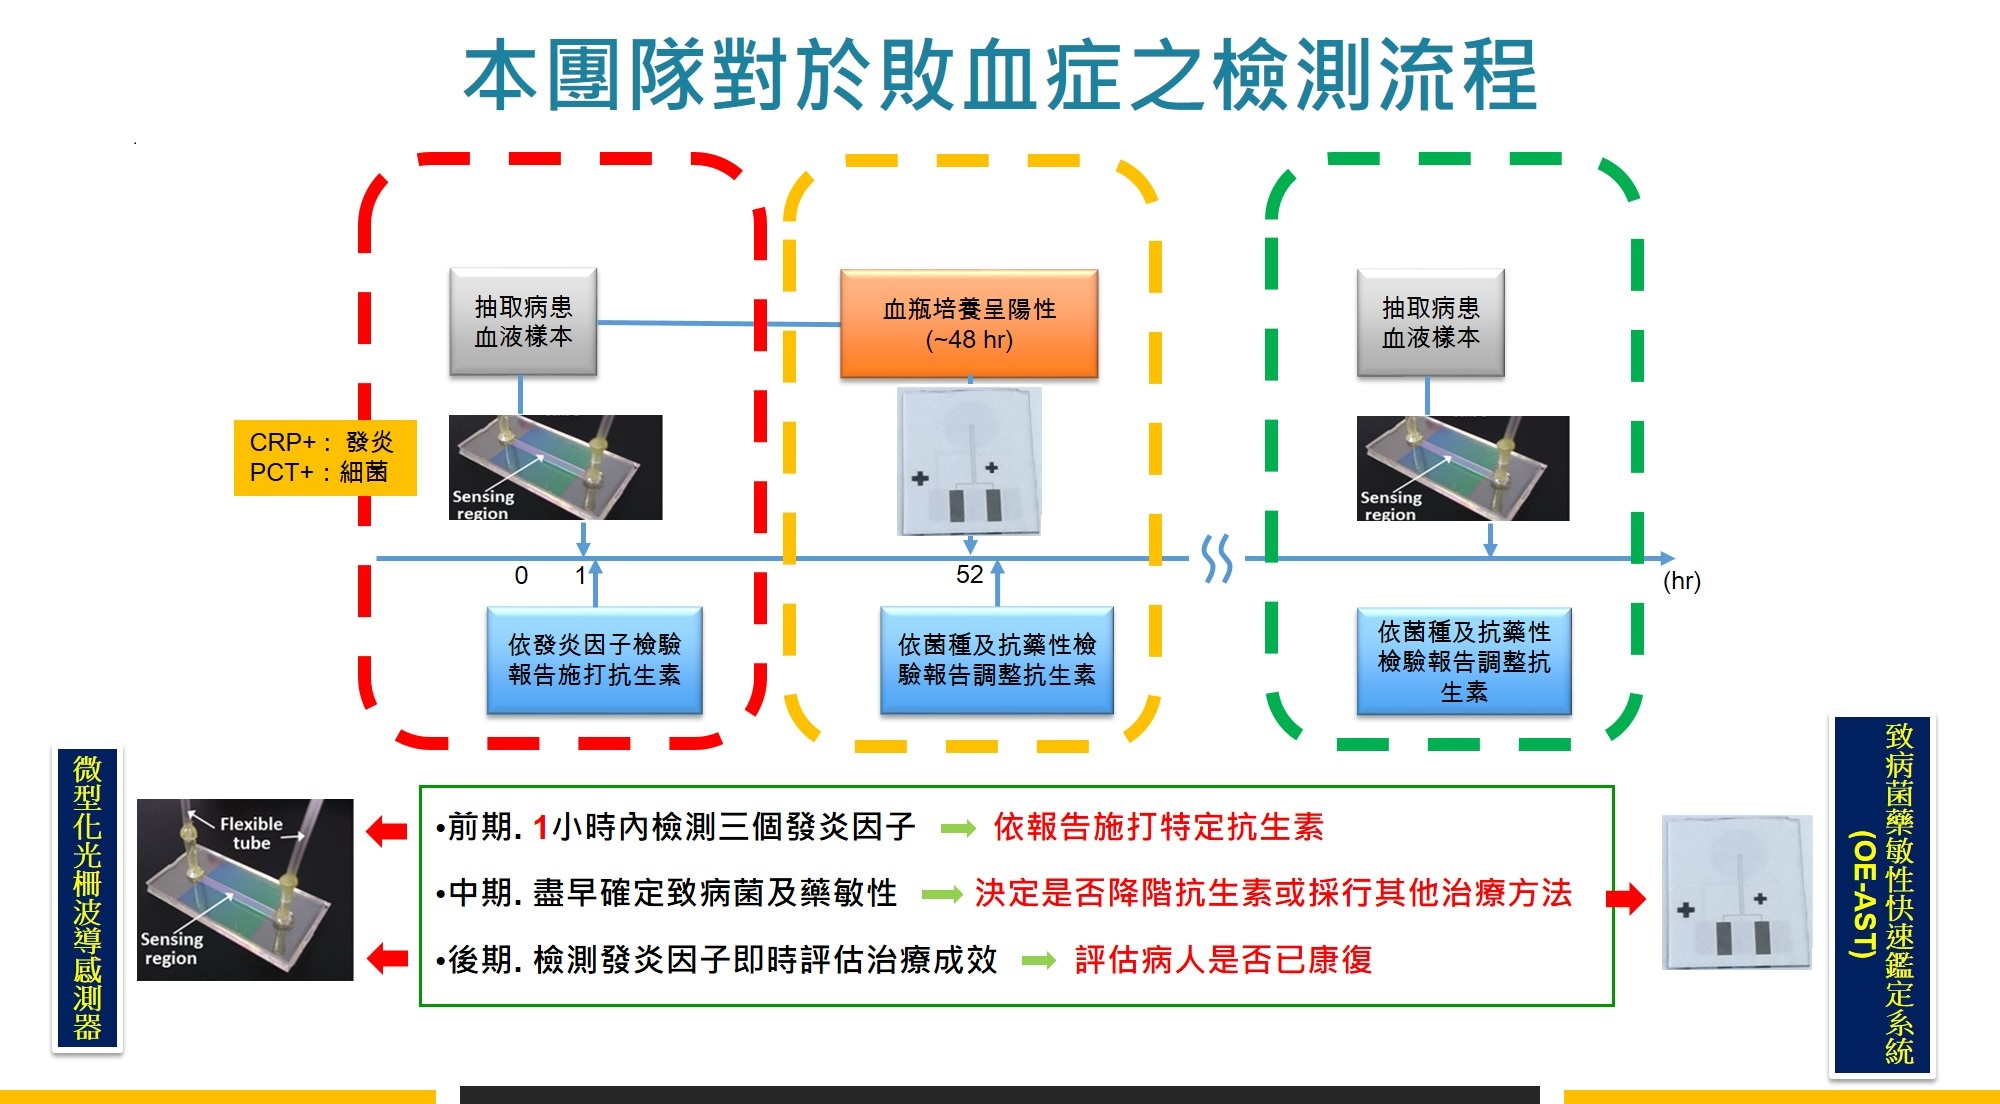 本團隊感測系統對於敗血症之檢測流程圖